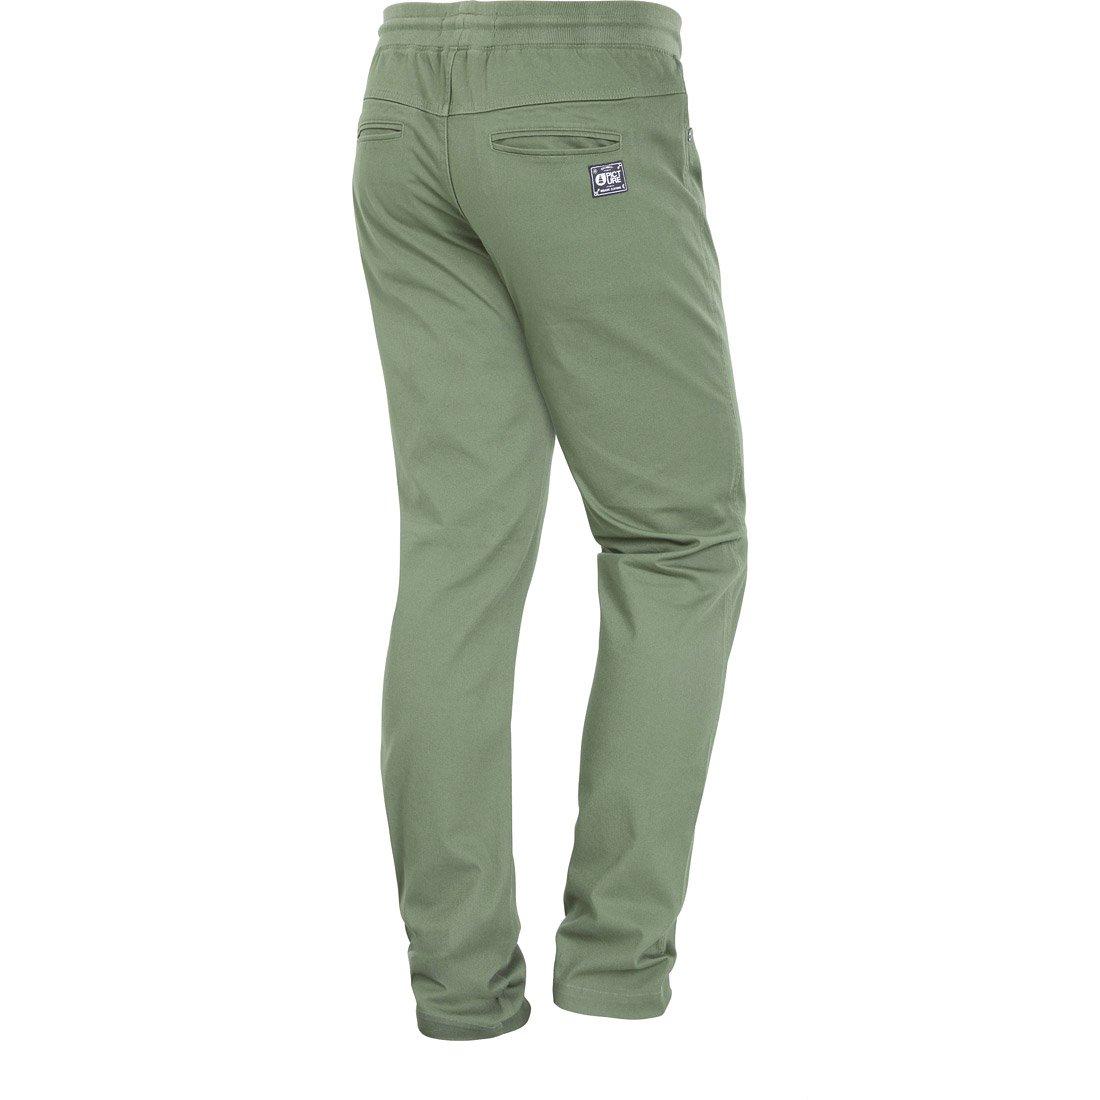 מכנסי ג'ינס לגברים - Crusy Chino - Picture Organic